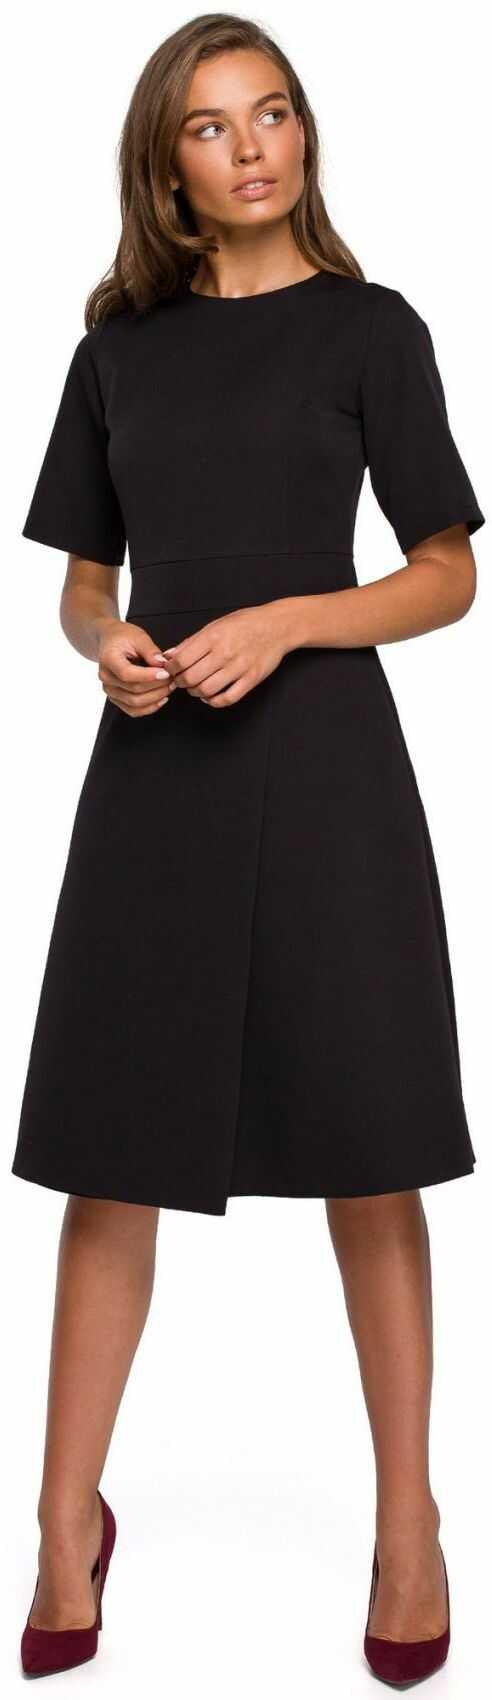 S240 Sukienka z dołem kopertowym - czarna